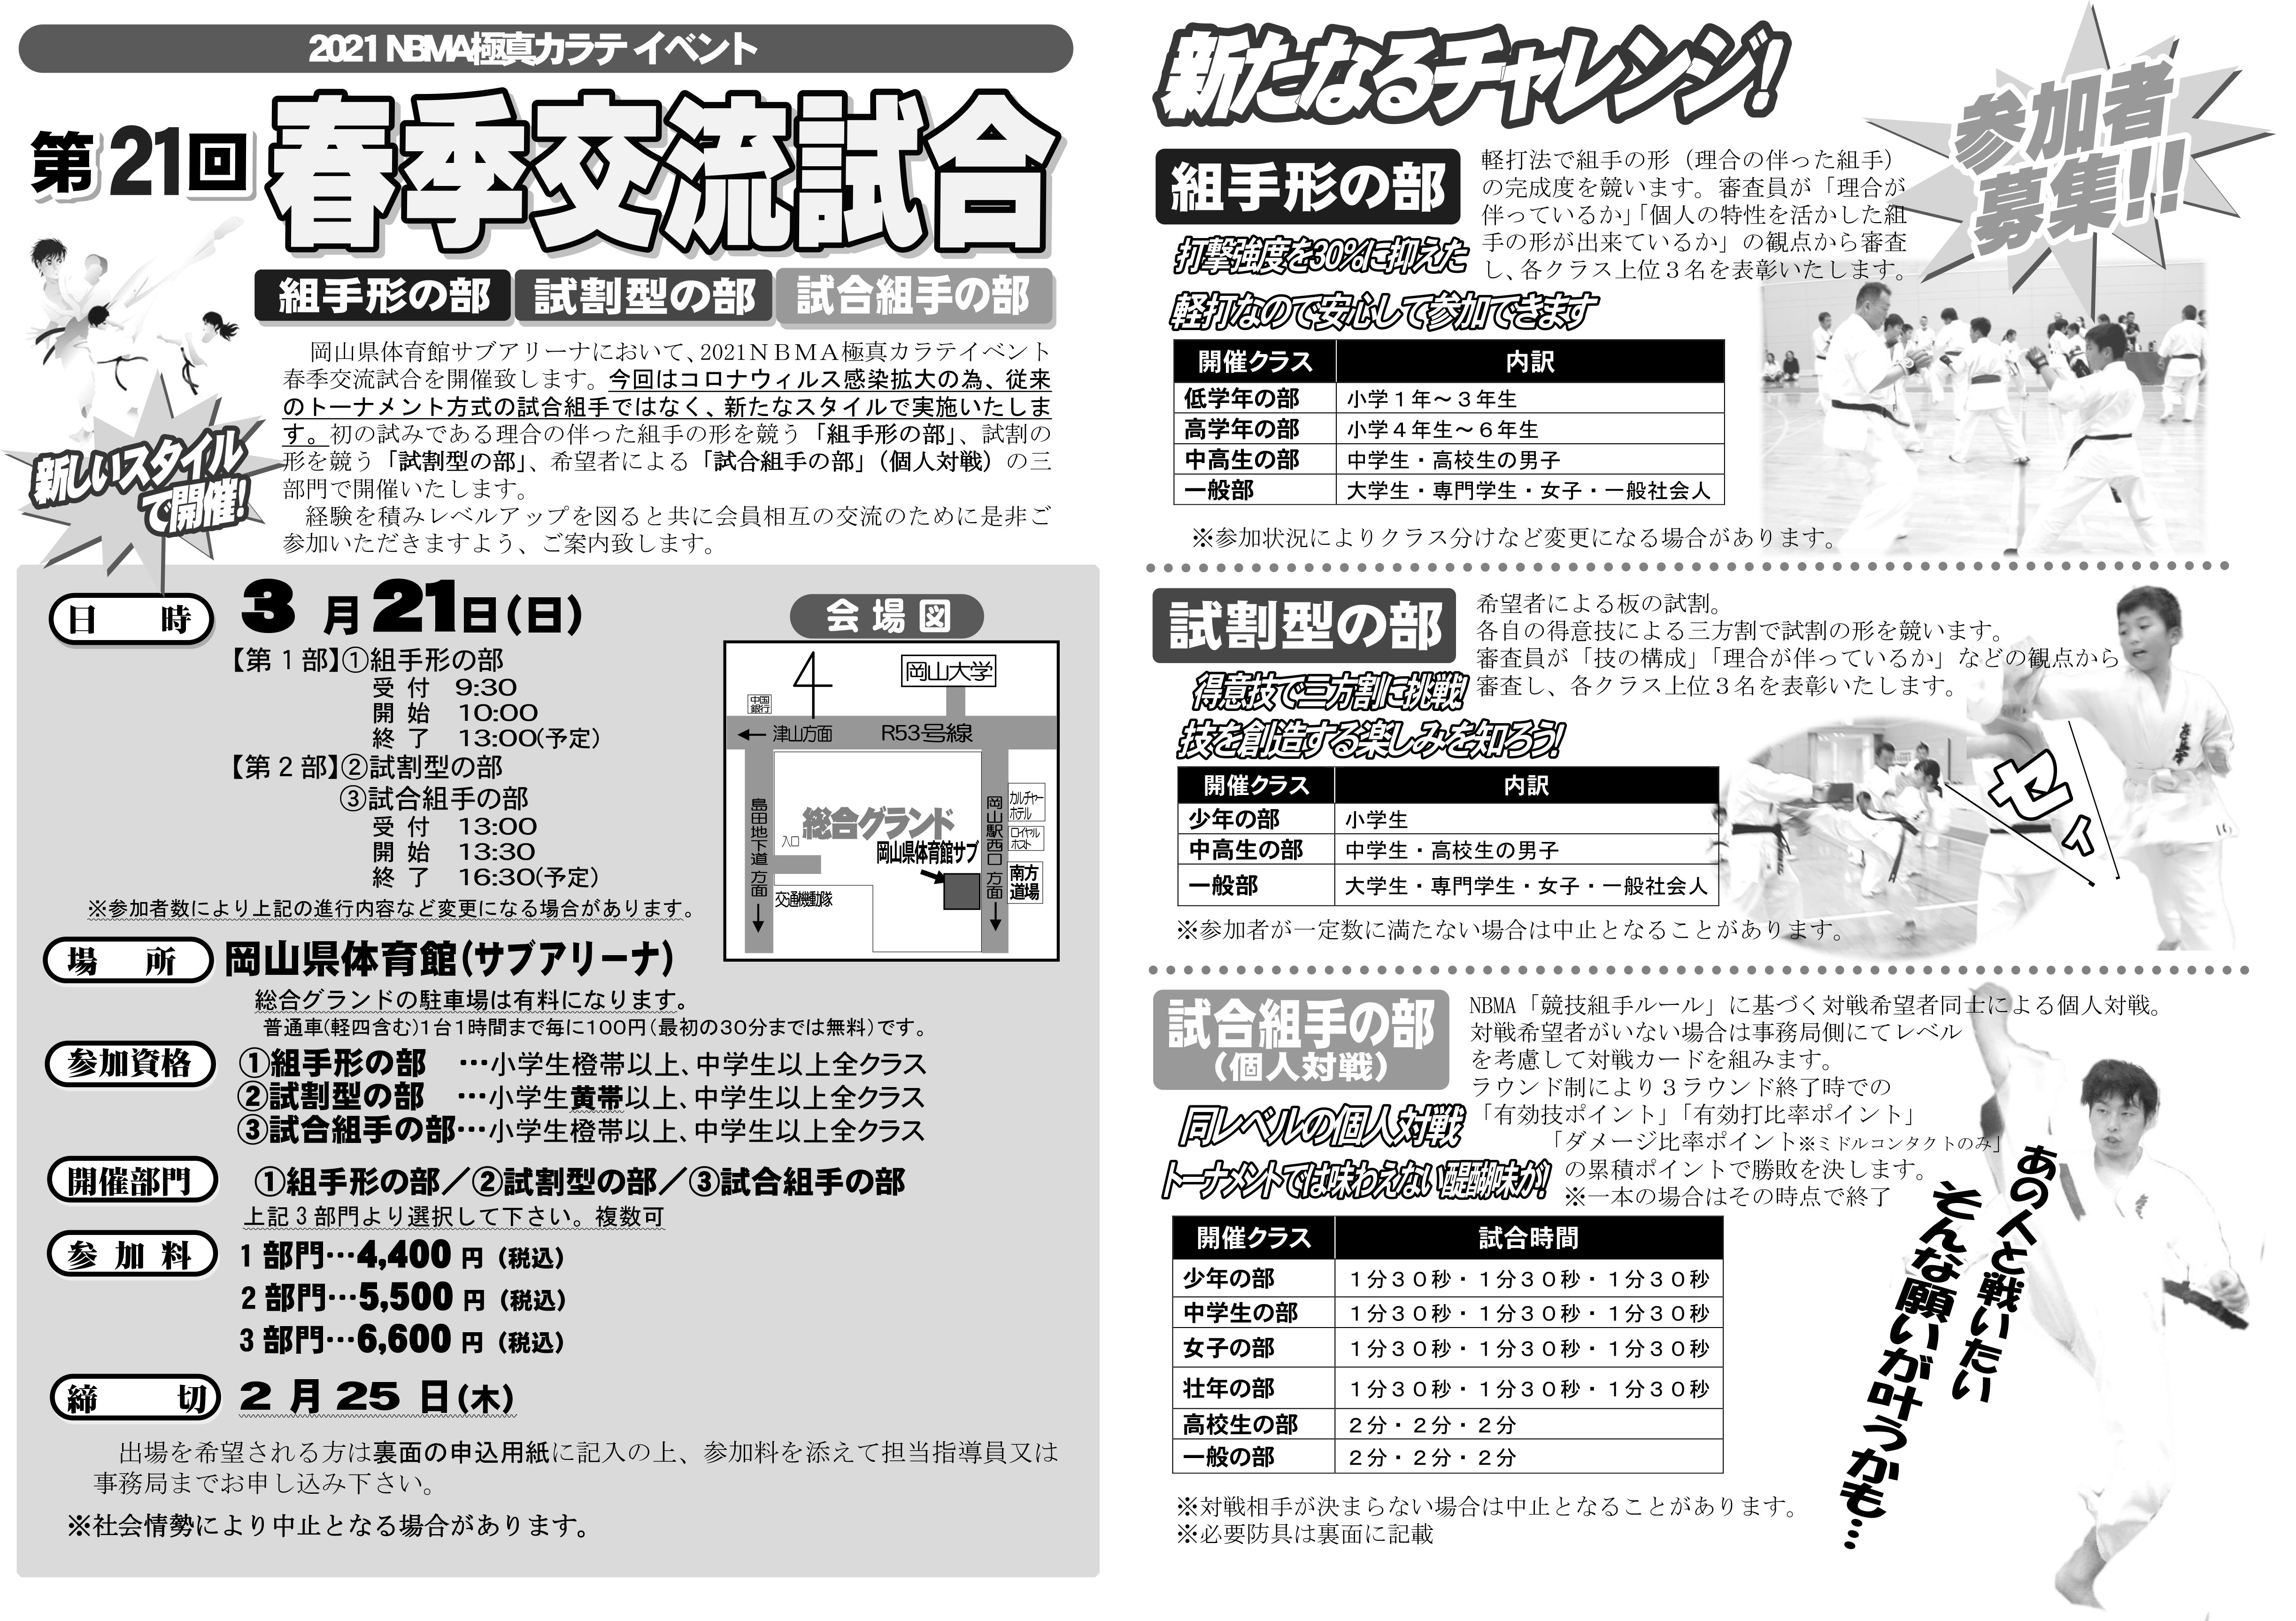 ★2021春季交流試合申込書(組手形試割形試合組手)-1